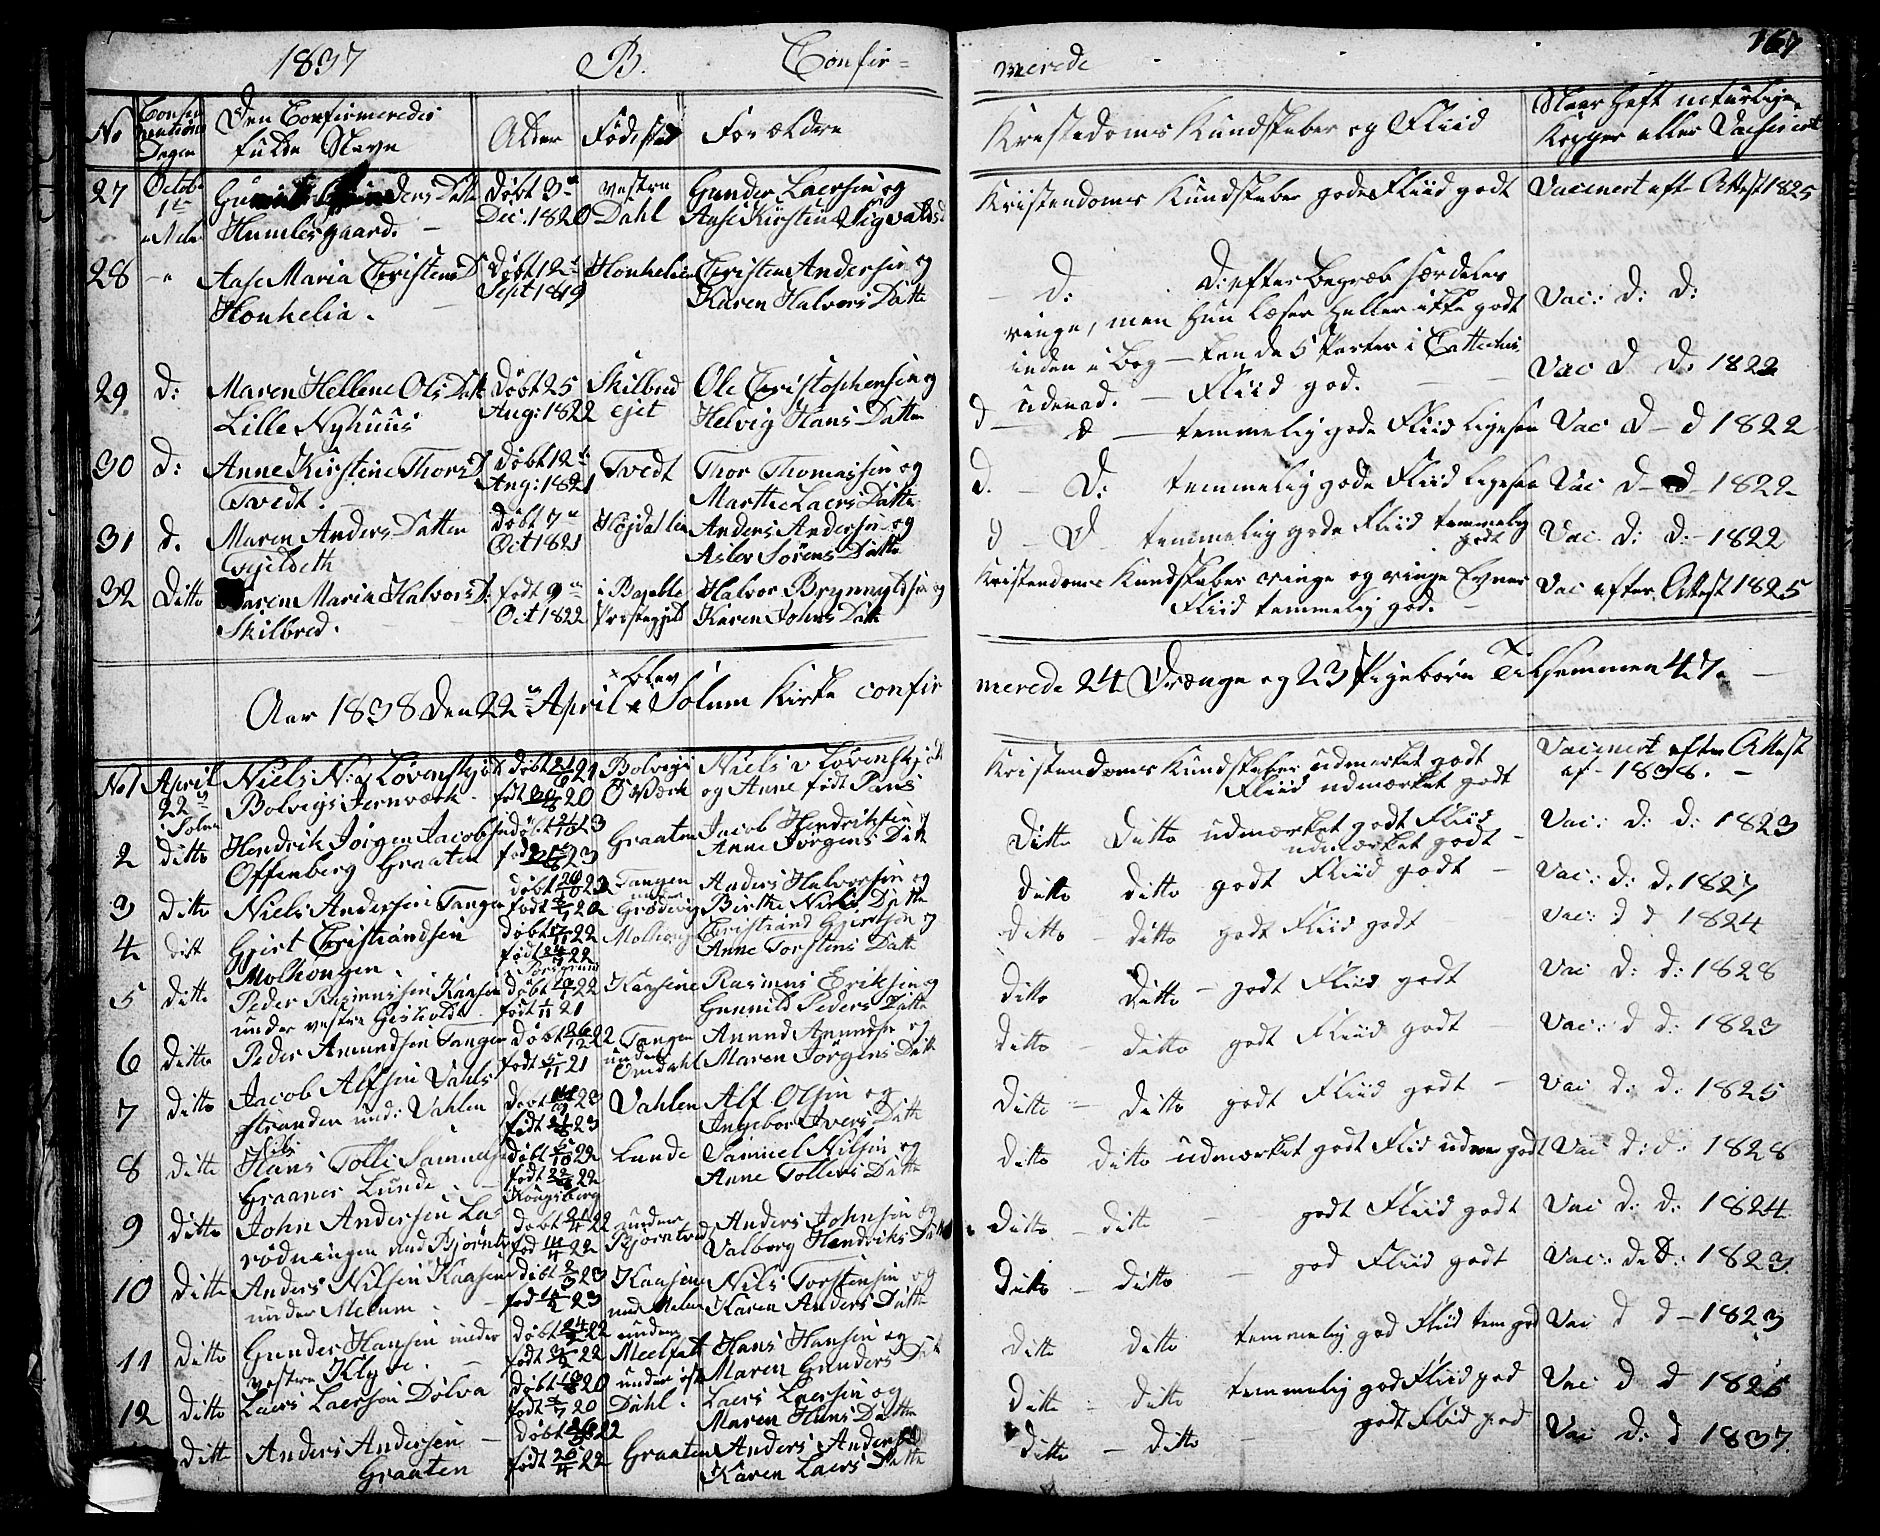 SAKO, Solum kirkebøker, G/Ga/L0002: Klokkerbok nr. I 2, 1834-1848, s. 167